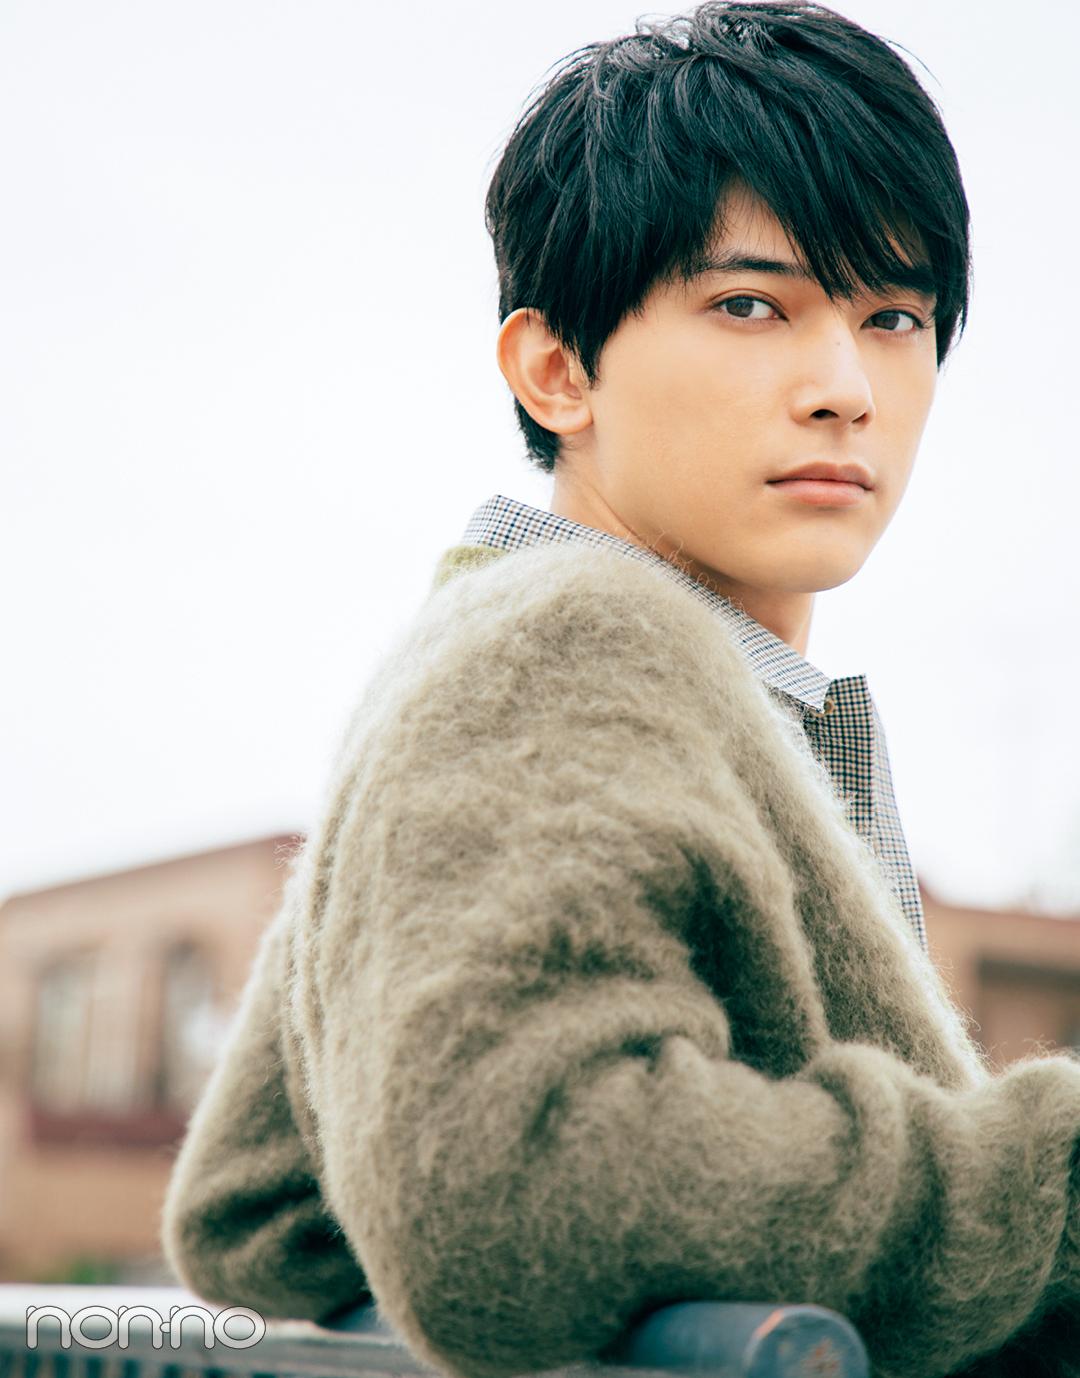 ひょう 吉沢亮 吉沢亮のキングダムひょう&えいせい役が美しい?演技やインタビュー動画が気になる!